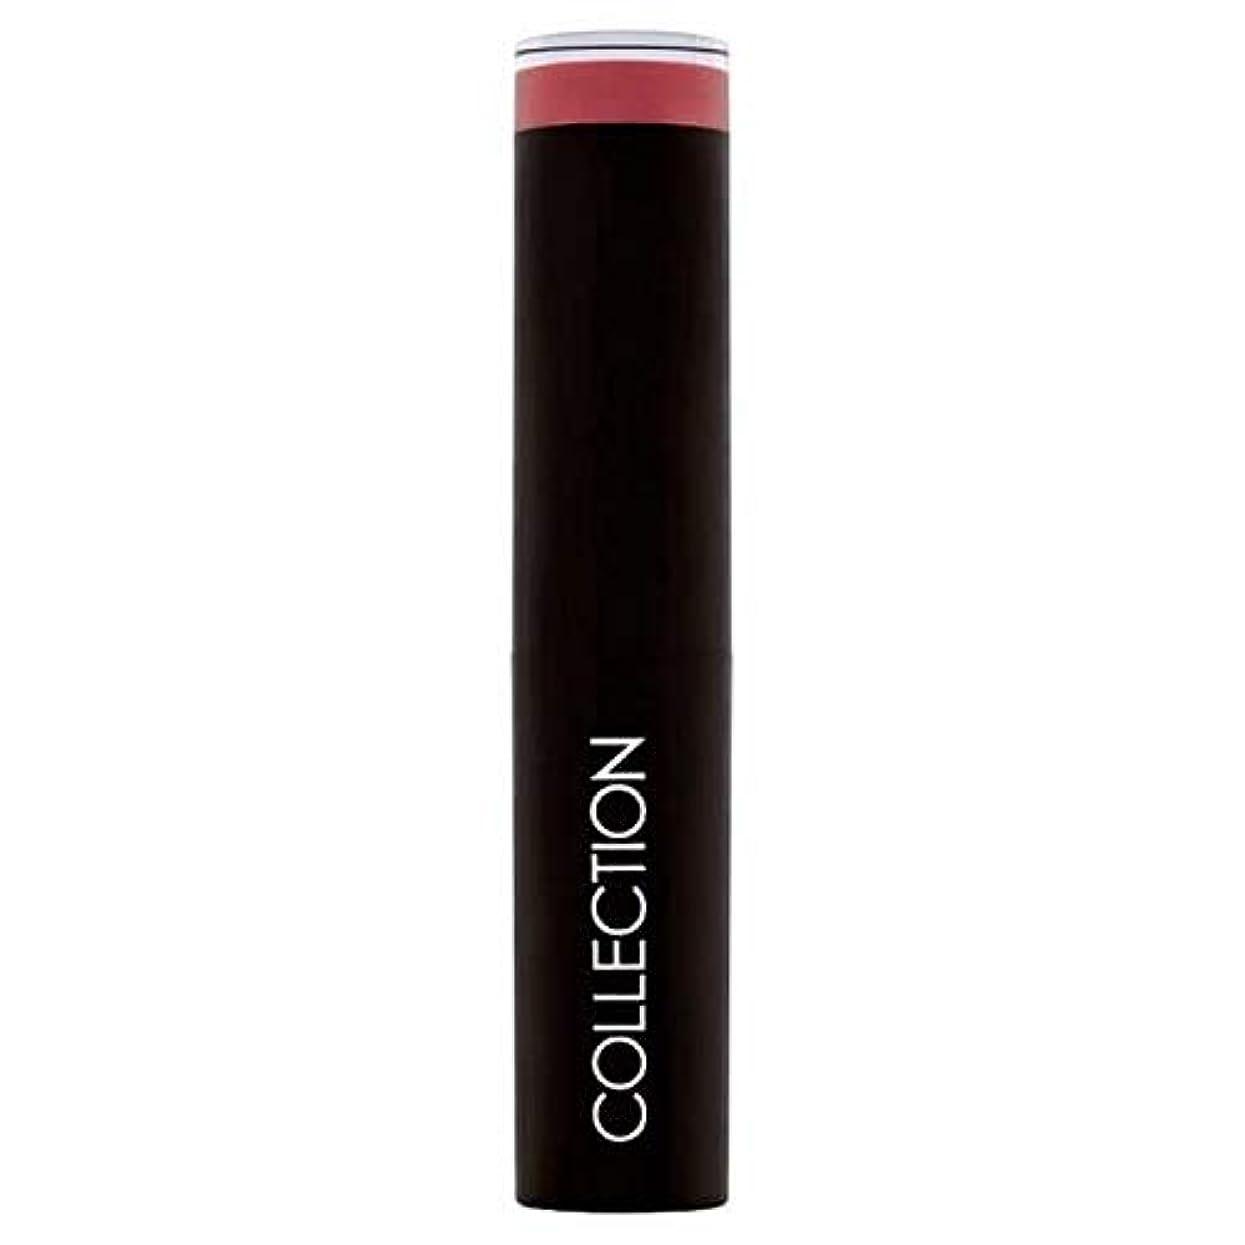 ストローアサーどこ[Collection ] コレクション強烈な輝きゲル口紅破砕梅3 - Collection Intense Shine Gel Lipstick Crushed Plum 3 [並行輸入品]